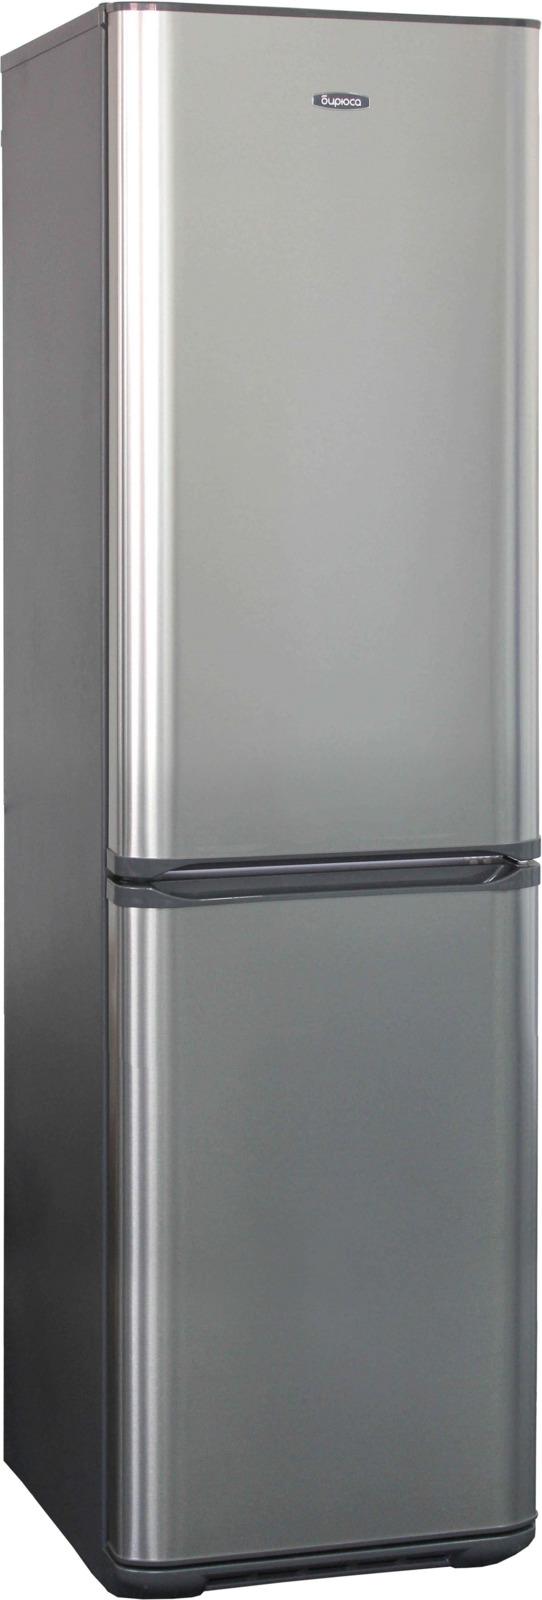 Холодильник Бирюса Б-I149, двухкамерный, стальной холодильник бирюса б w139 двухкамерный белый